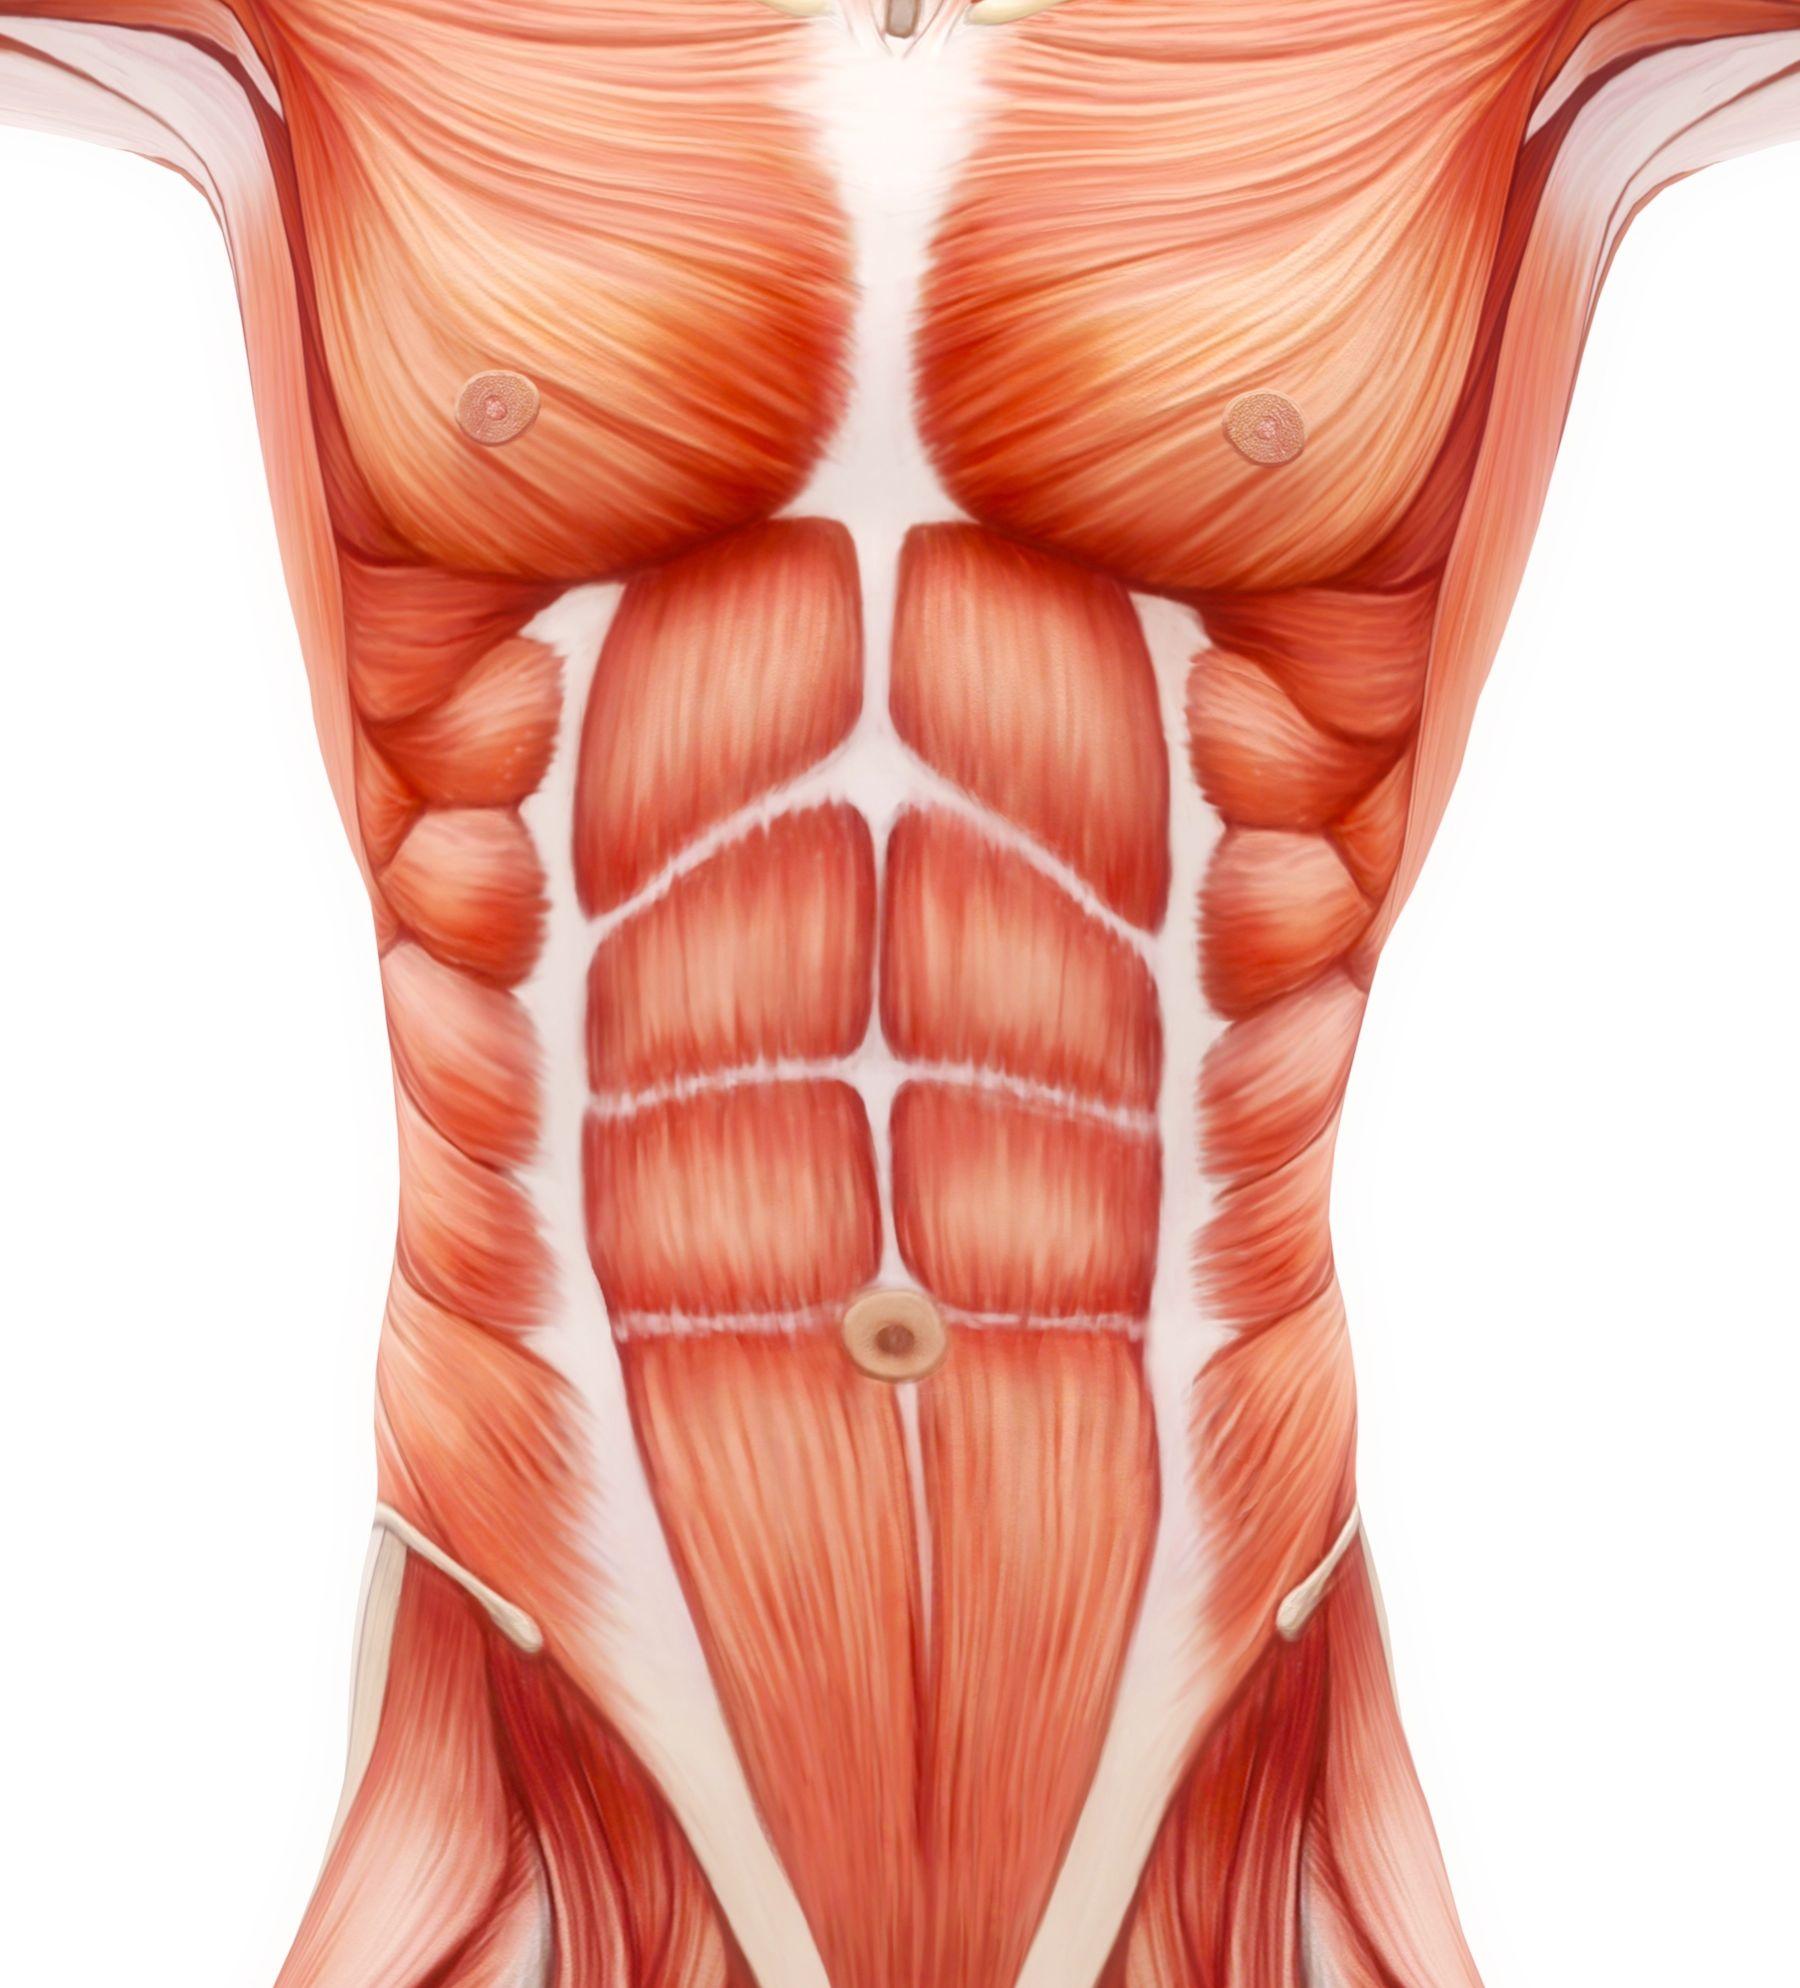 façons de perdre de la graisse et dobtenir des abdos